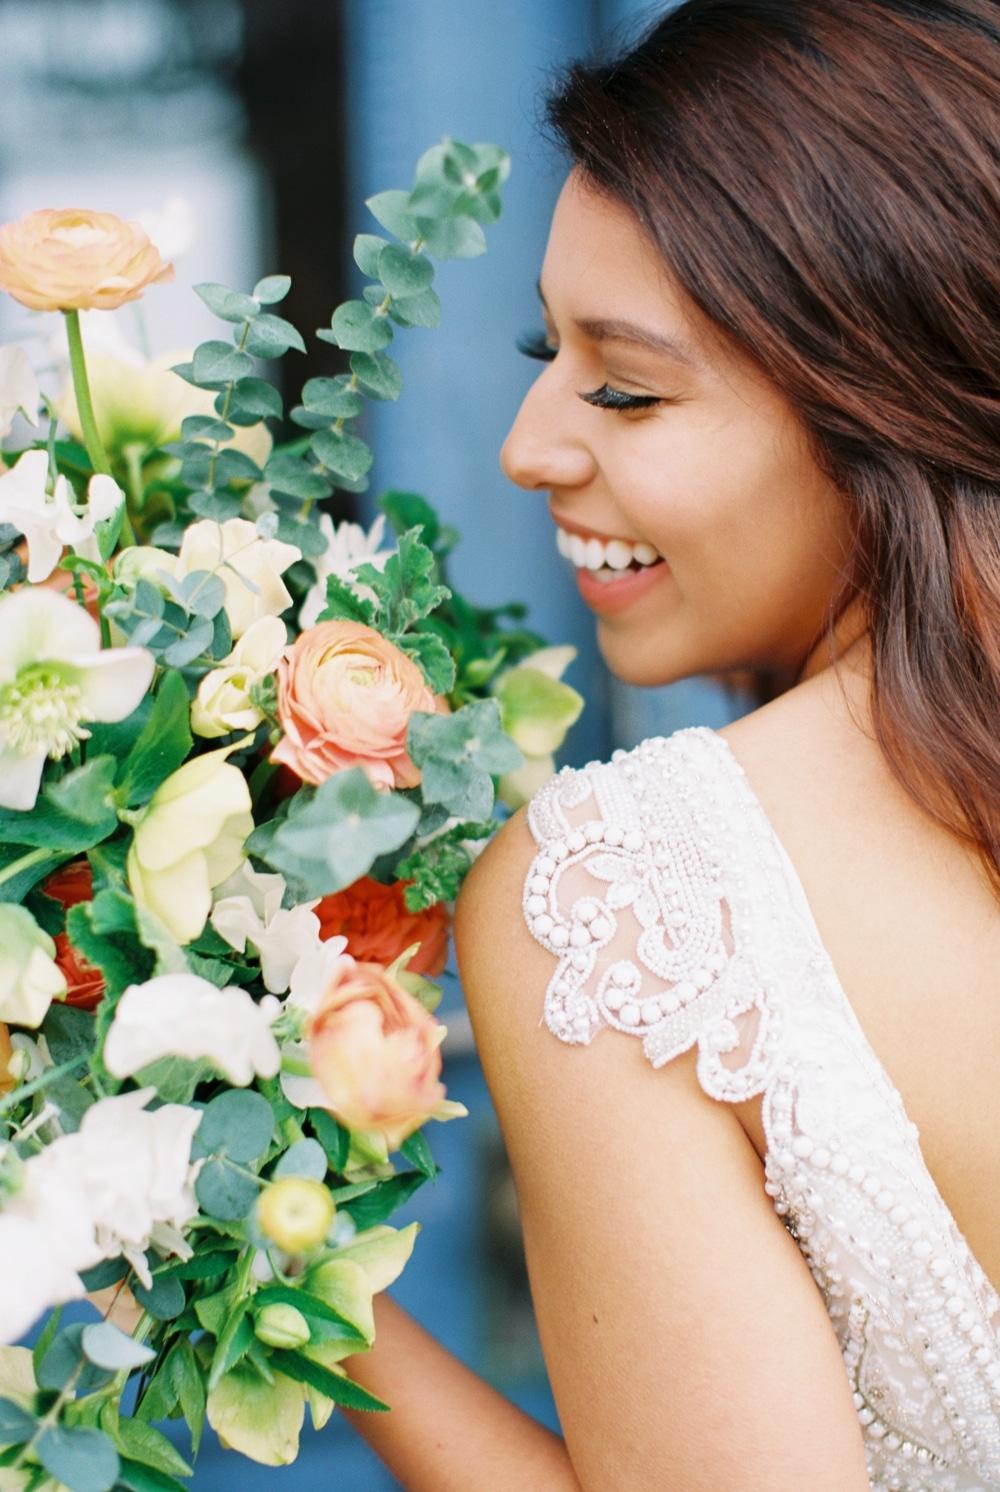 Kristin-La-Voie-Photography-Le-San-Michele-Austin-Wedding-Photographer-27